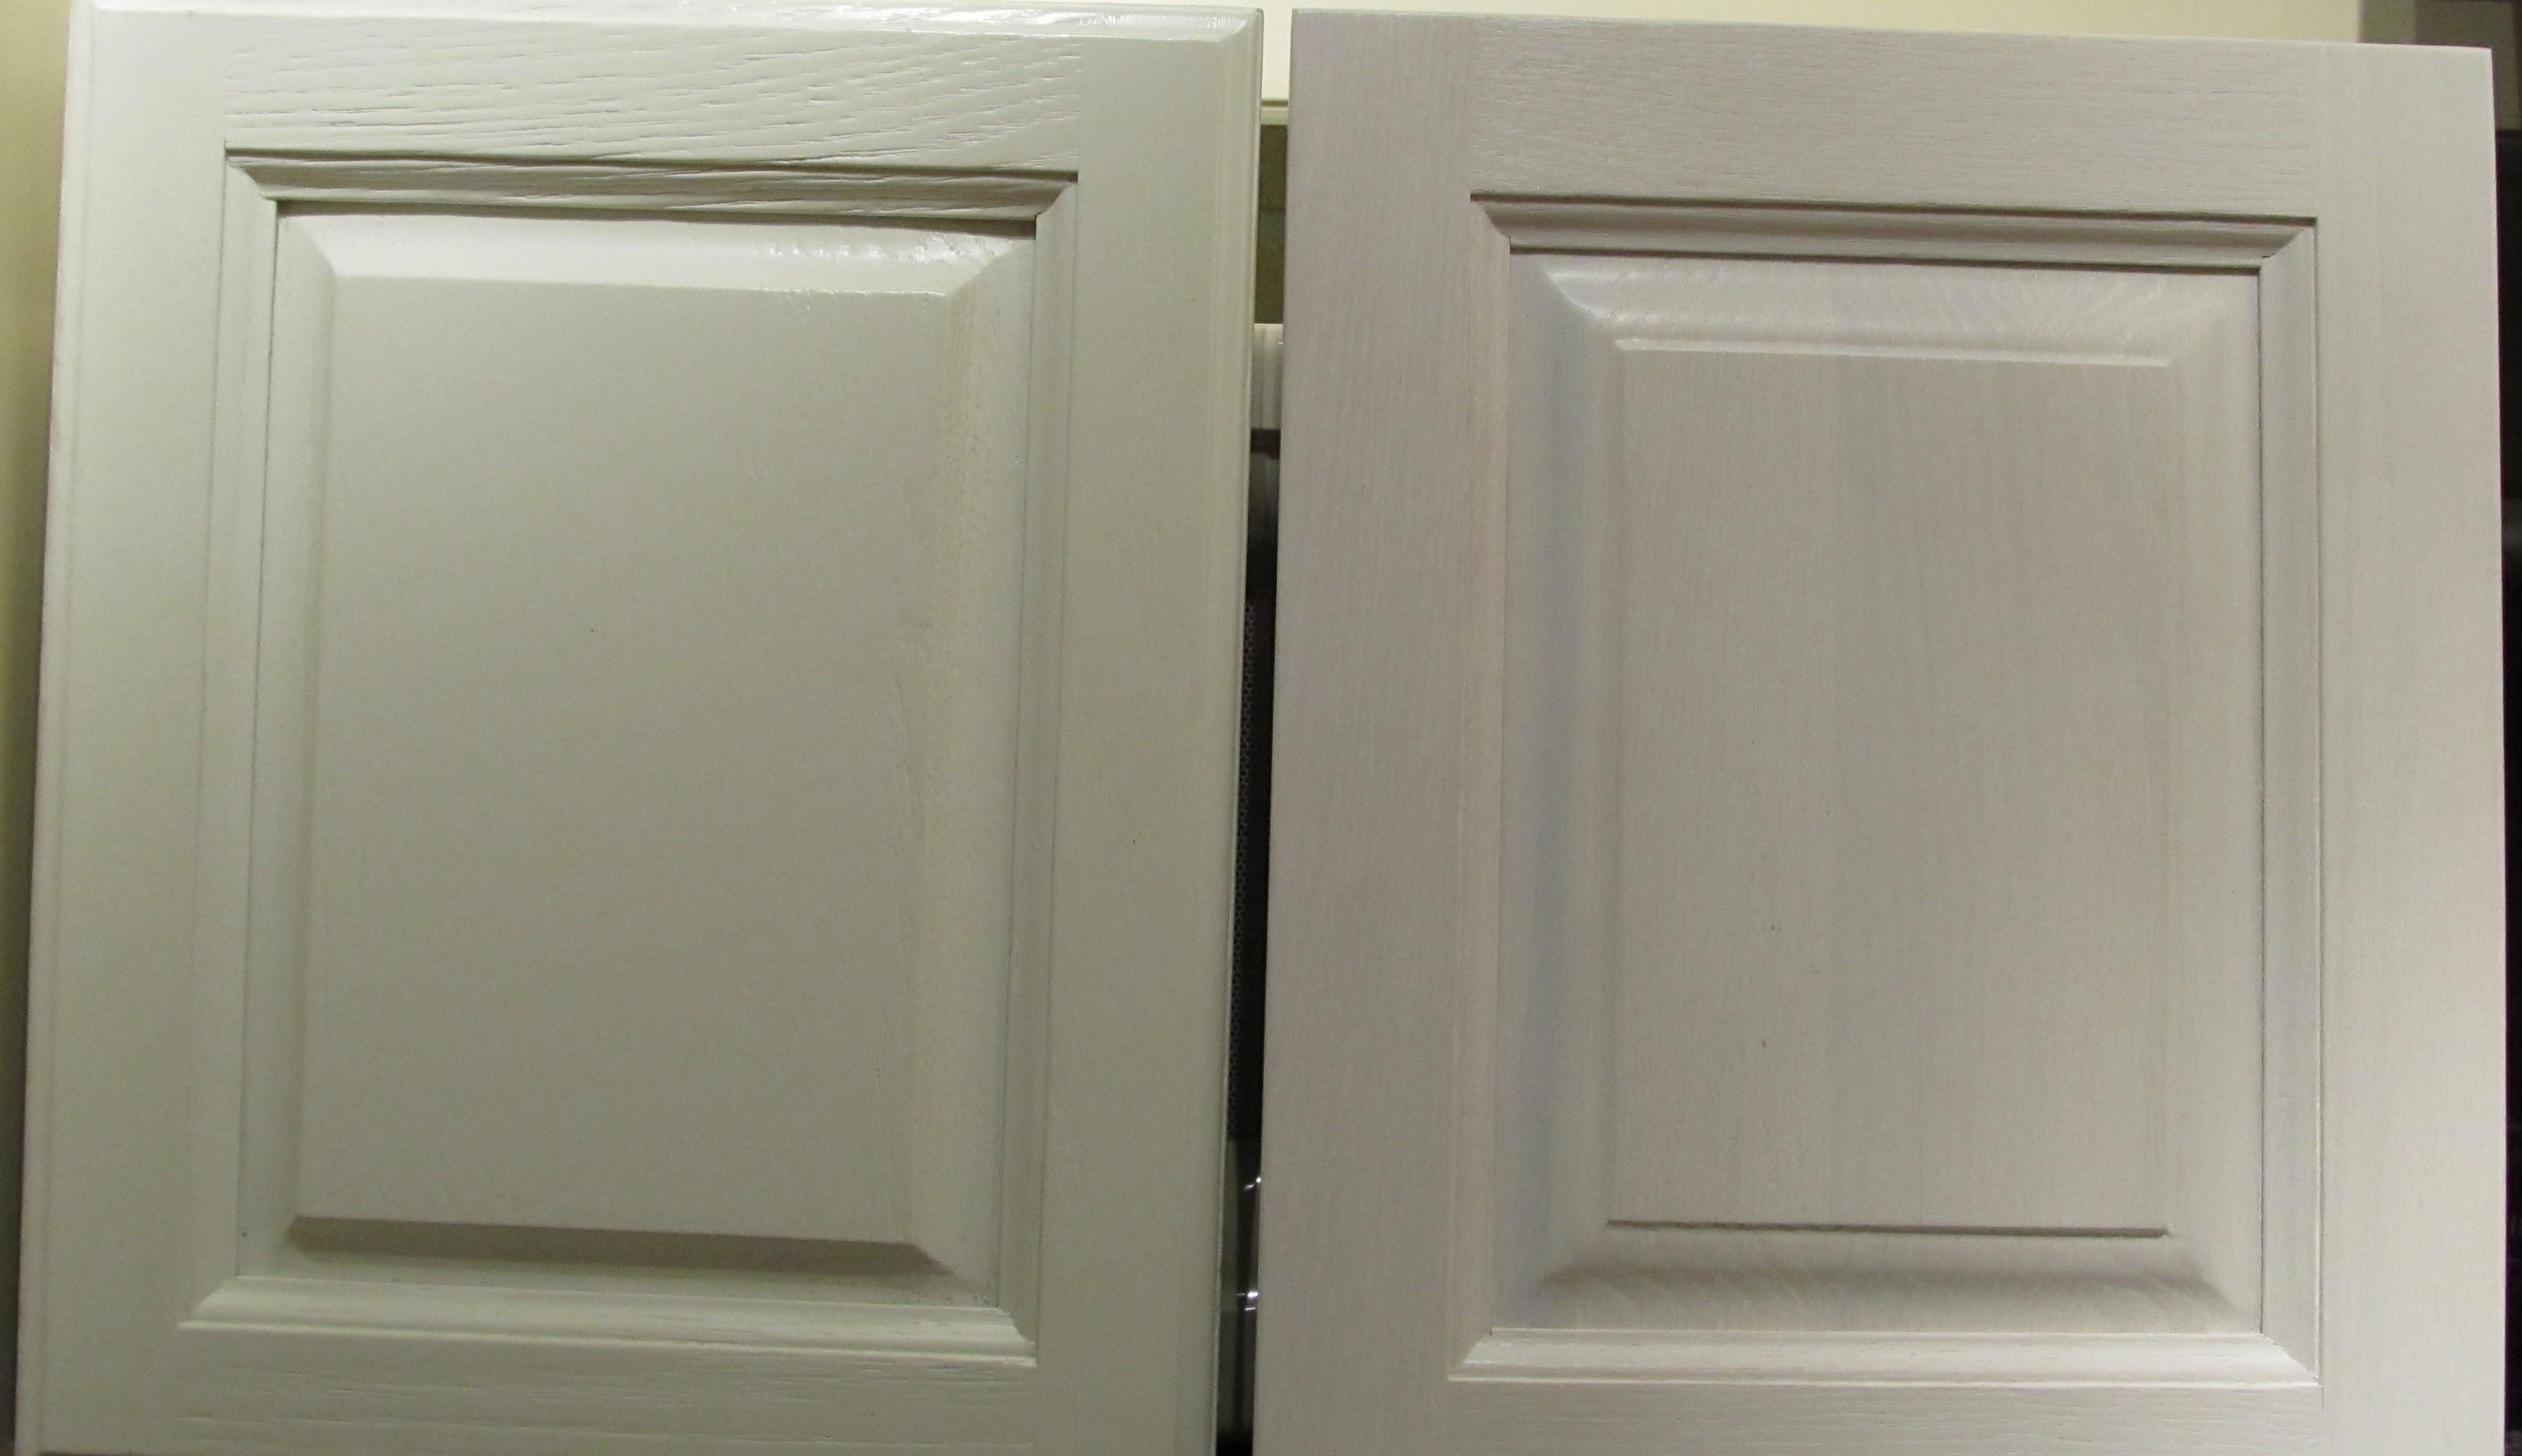 Incroyable peindre des armoires de cuisine blanc ou cr me iqt4 appareils de cuisineappareils for Peindre armoire bois en blanc